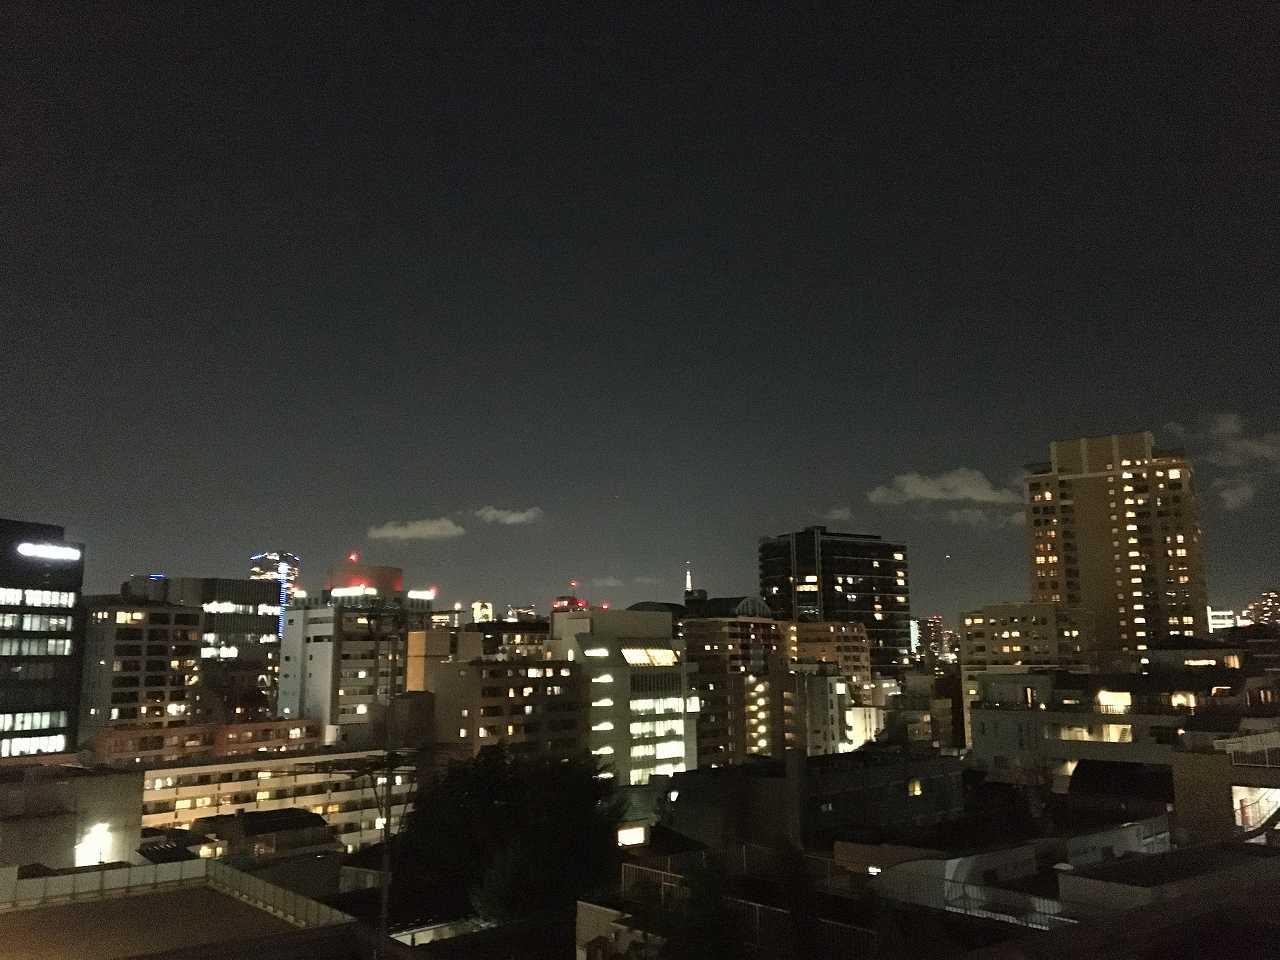 目の前に大きな建物のない夜景